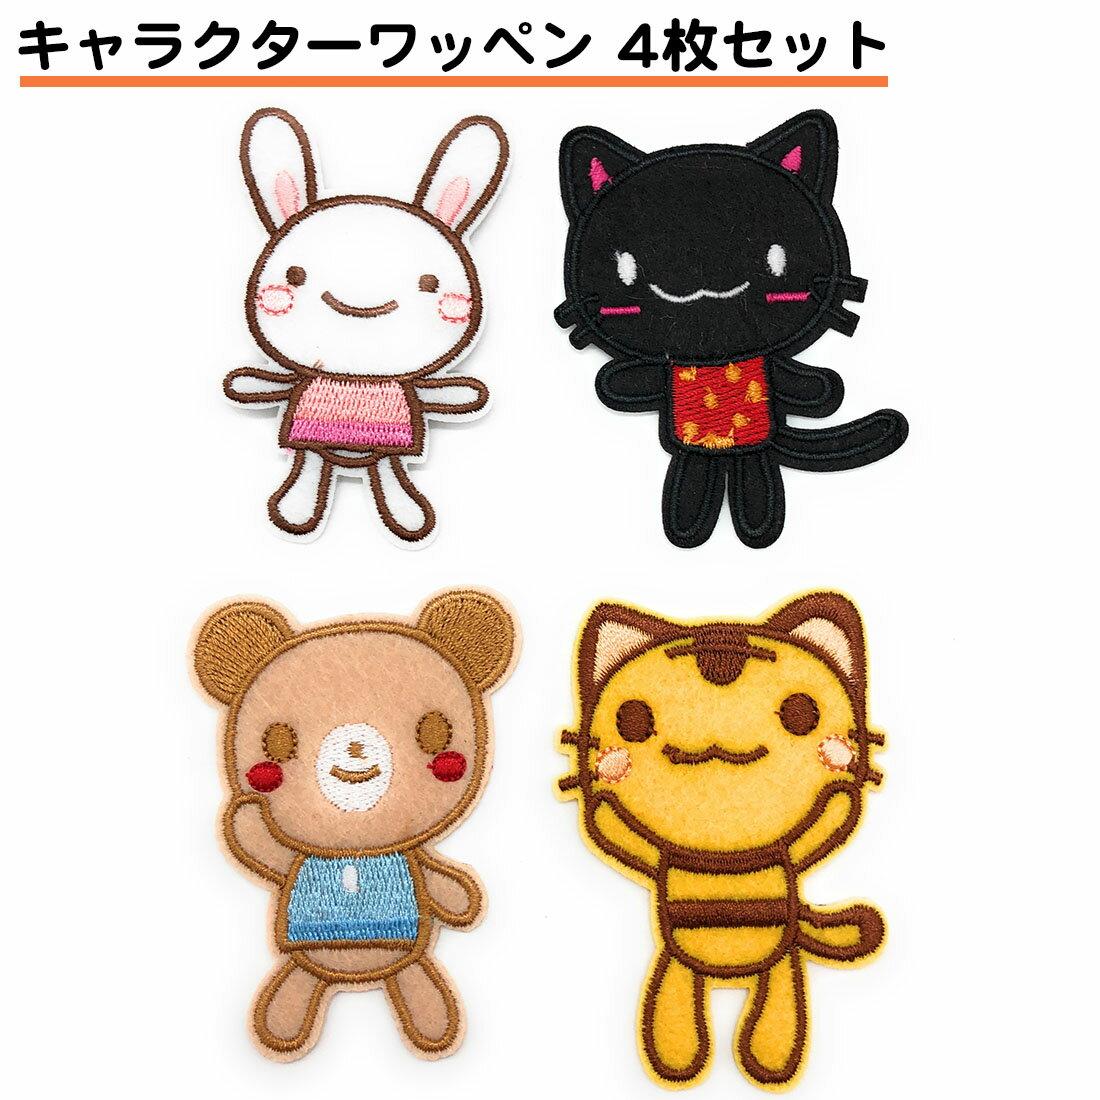 【追跡ゆうパケット送料無料】 4個セット 子供さんも大喜び かわいい アップリケ ワッペン トラネコ 黒ネコ クマ ウサギ